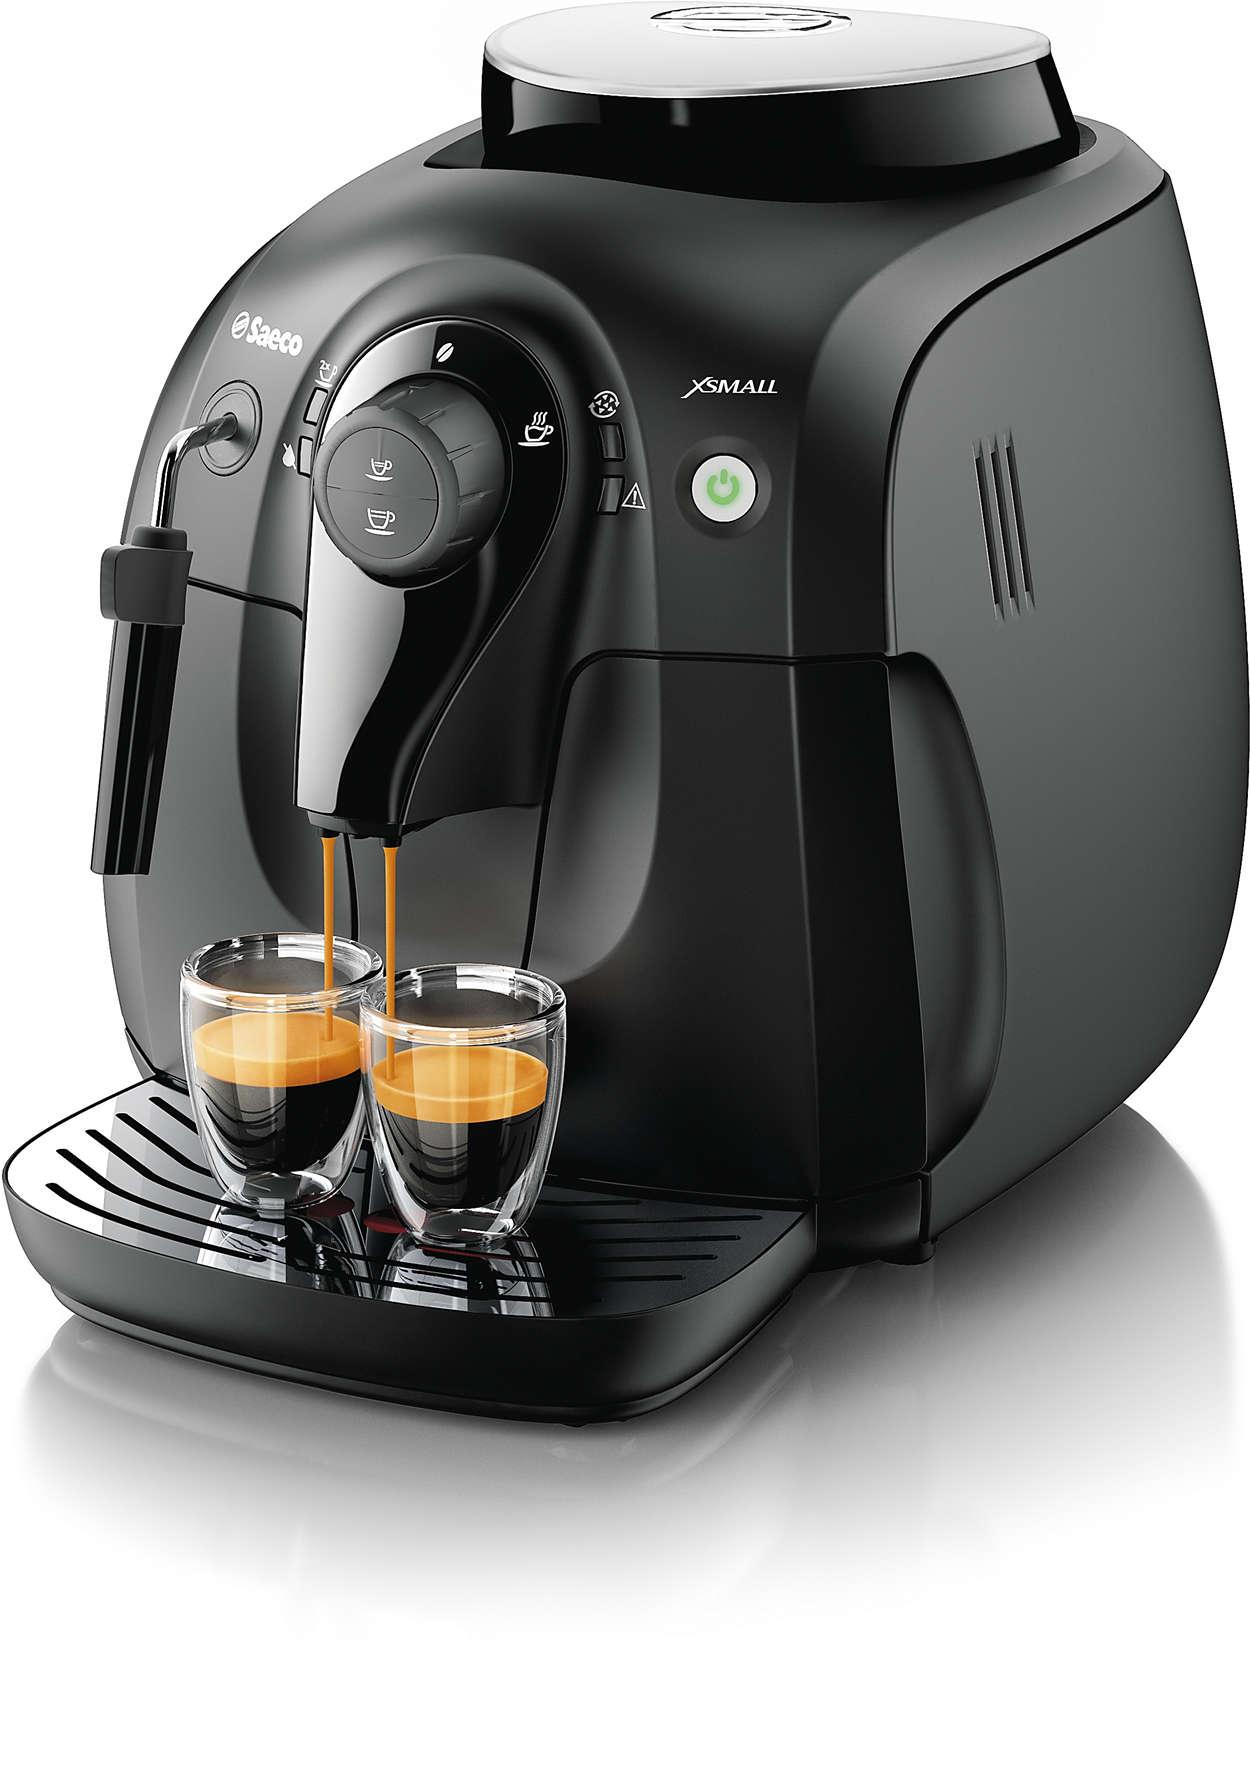 Ochutnejte aroma vašich oblíbených kávových zrn